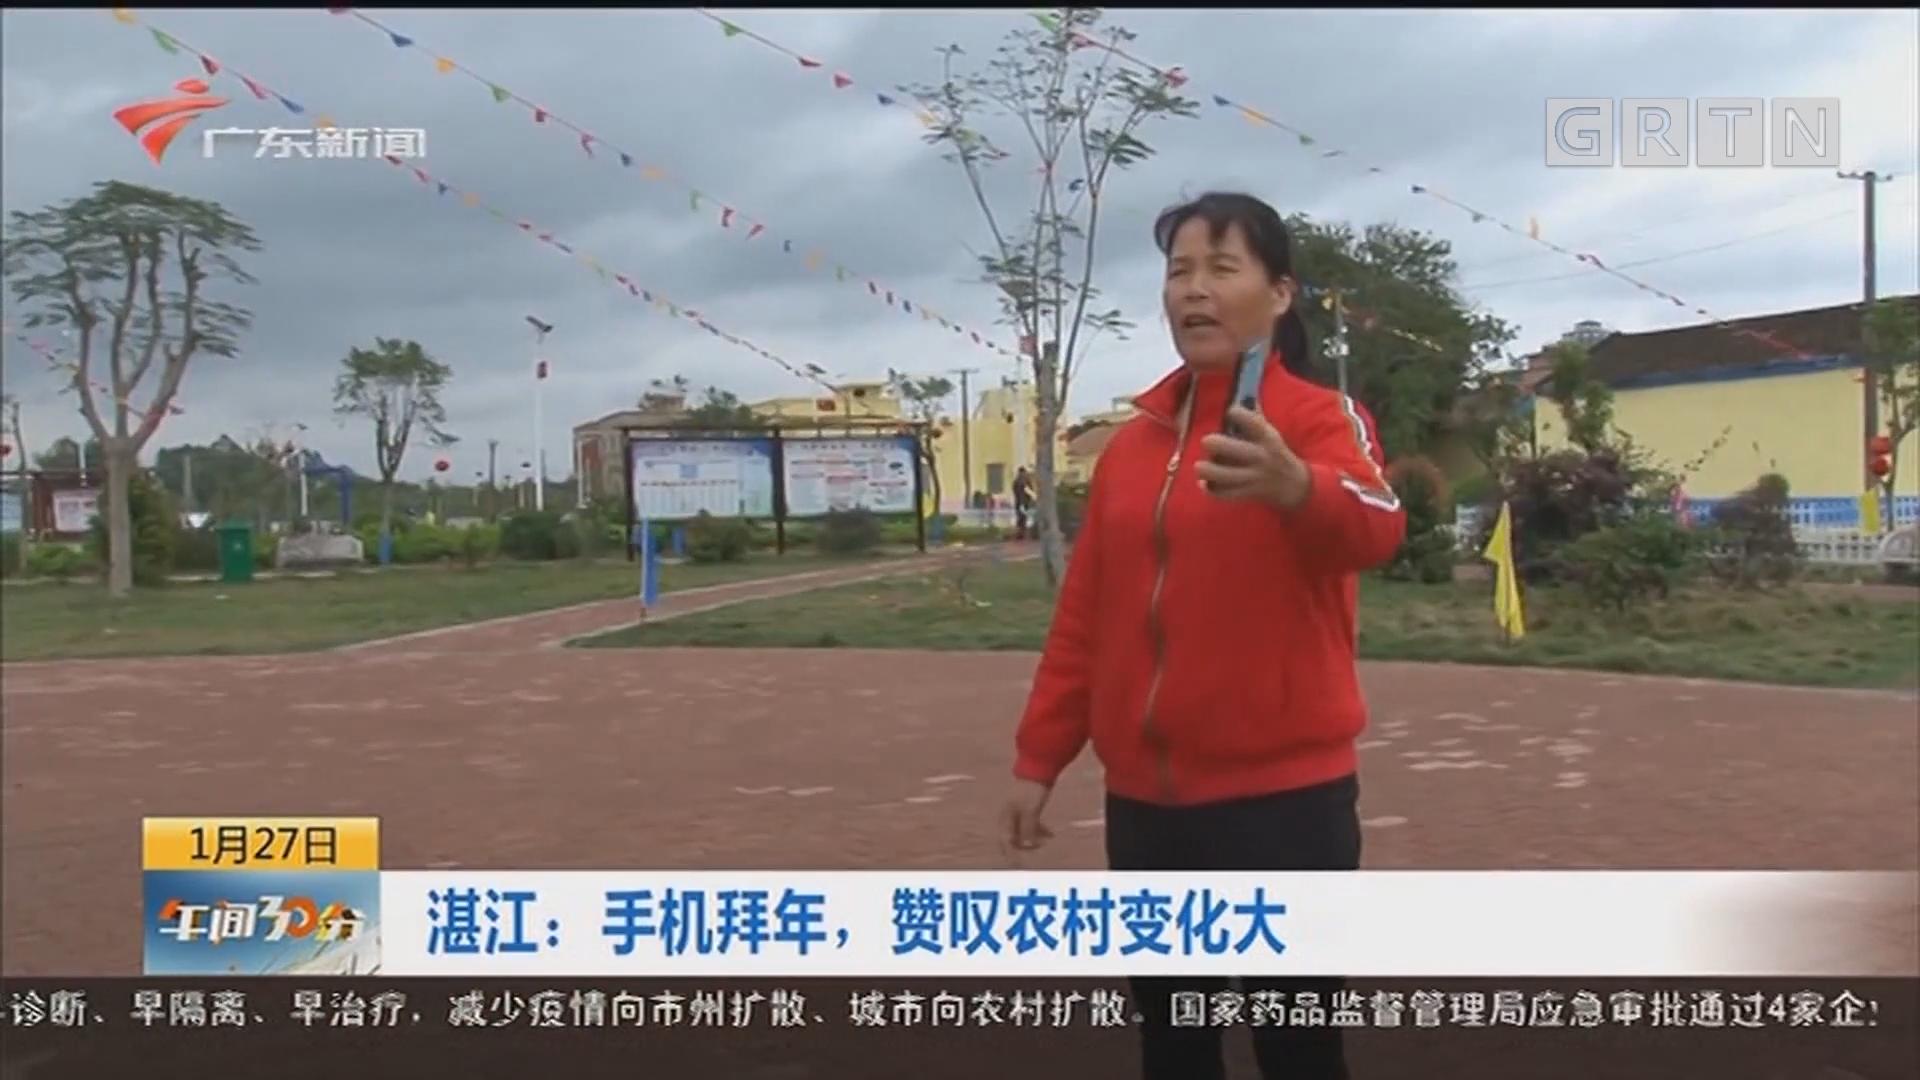 湛江:手机拜年,赞叹农村变化大